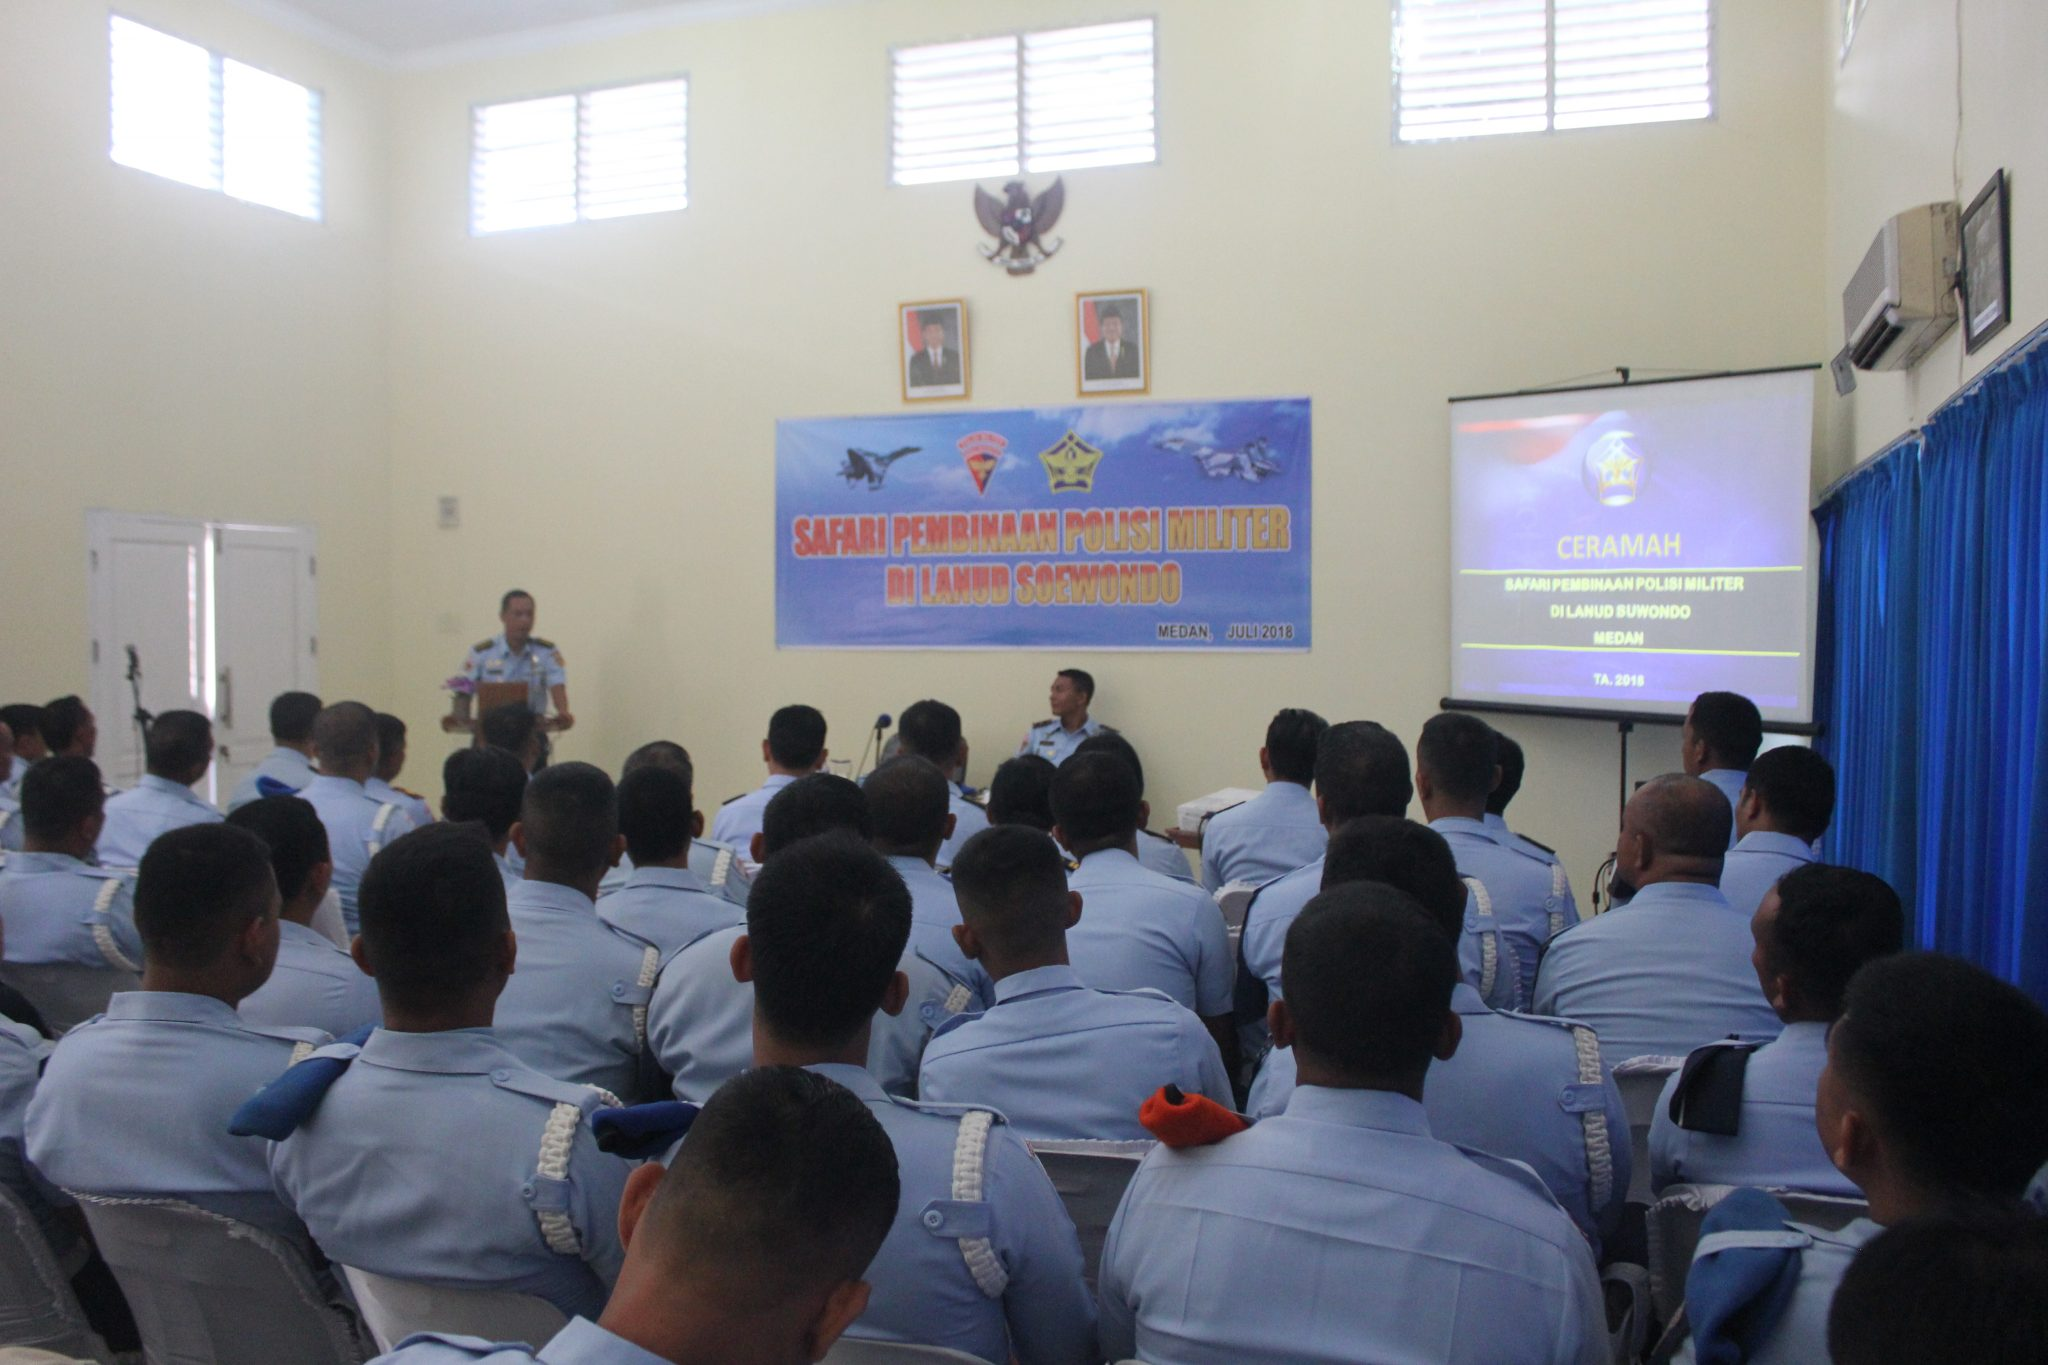 Safari Pembinaan Polisi Militer Di Lanud Soewondo